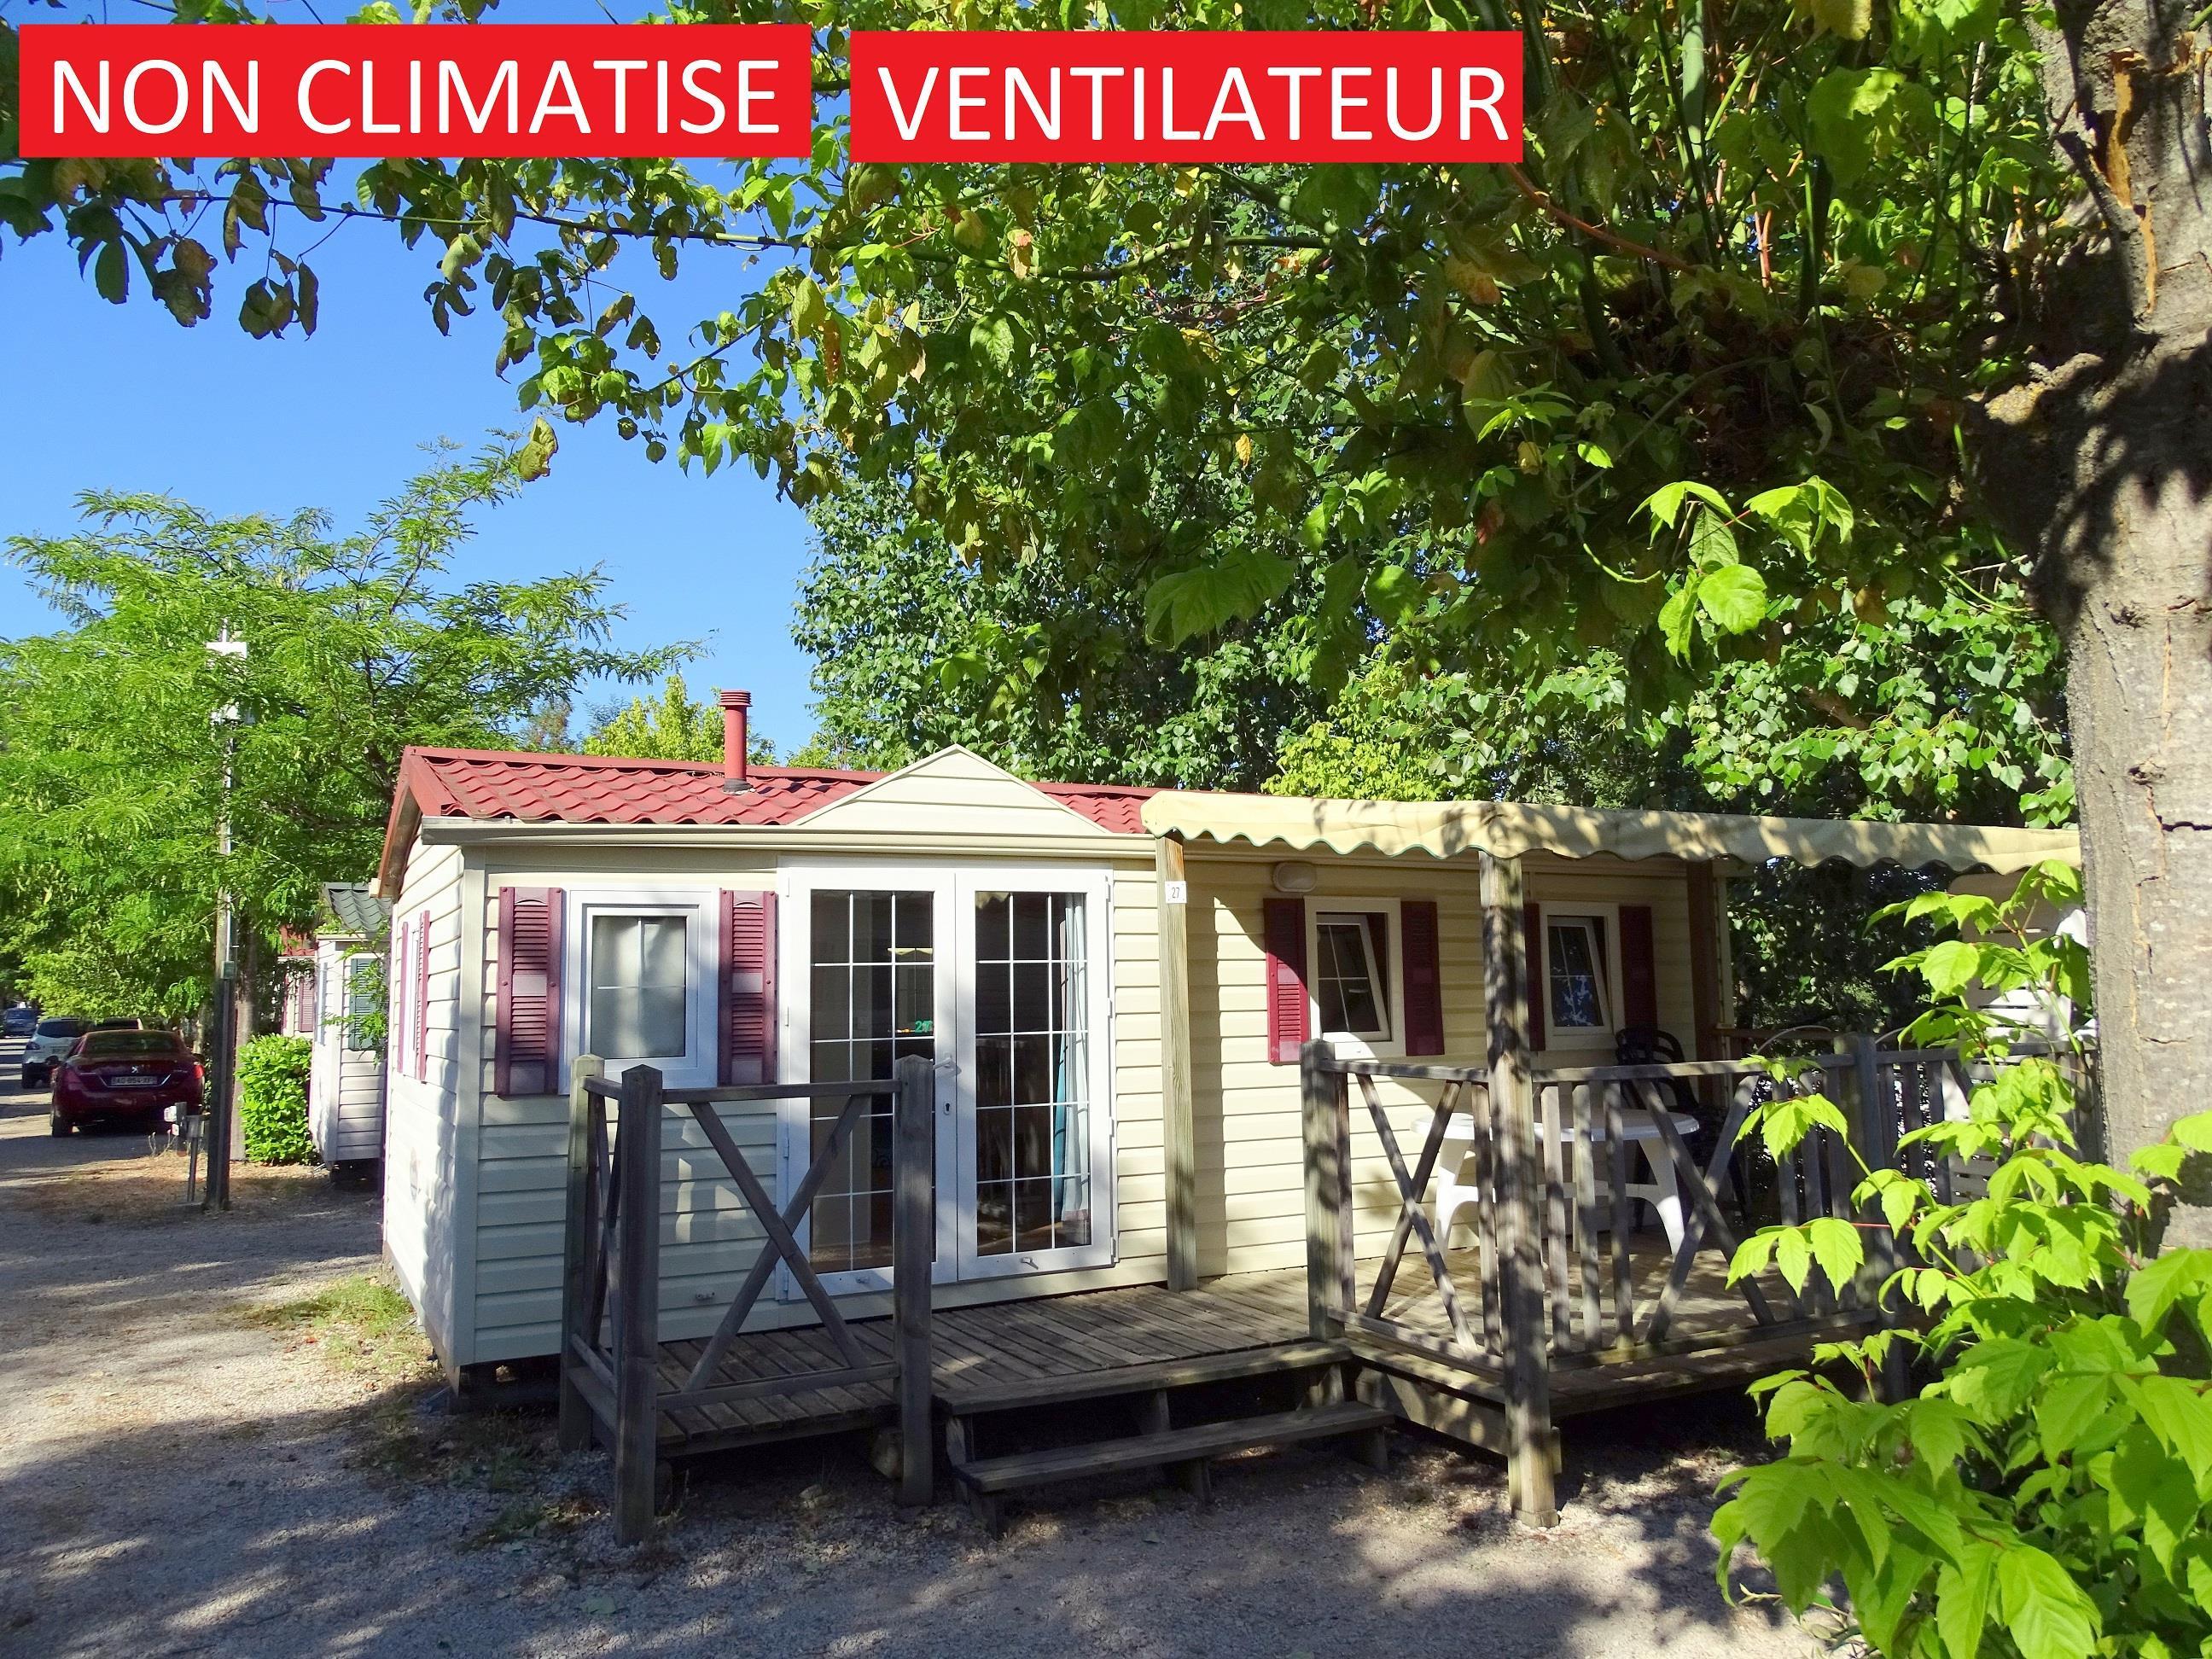 Location - Mobilhome Manon 28 M² (+10 Ans) Avec Ventilateur- 2 Chambres - Terrasse 15M² - Camping La Pinède